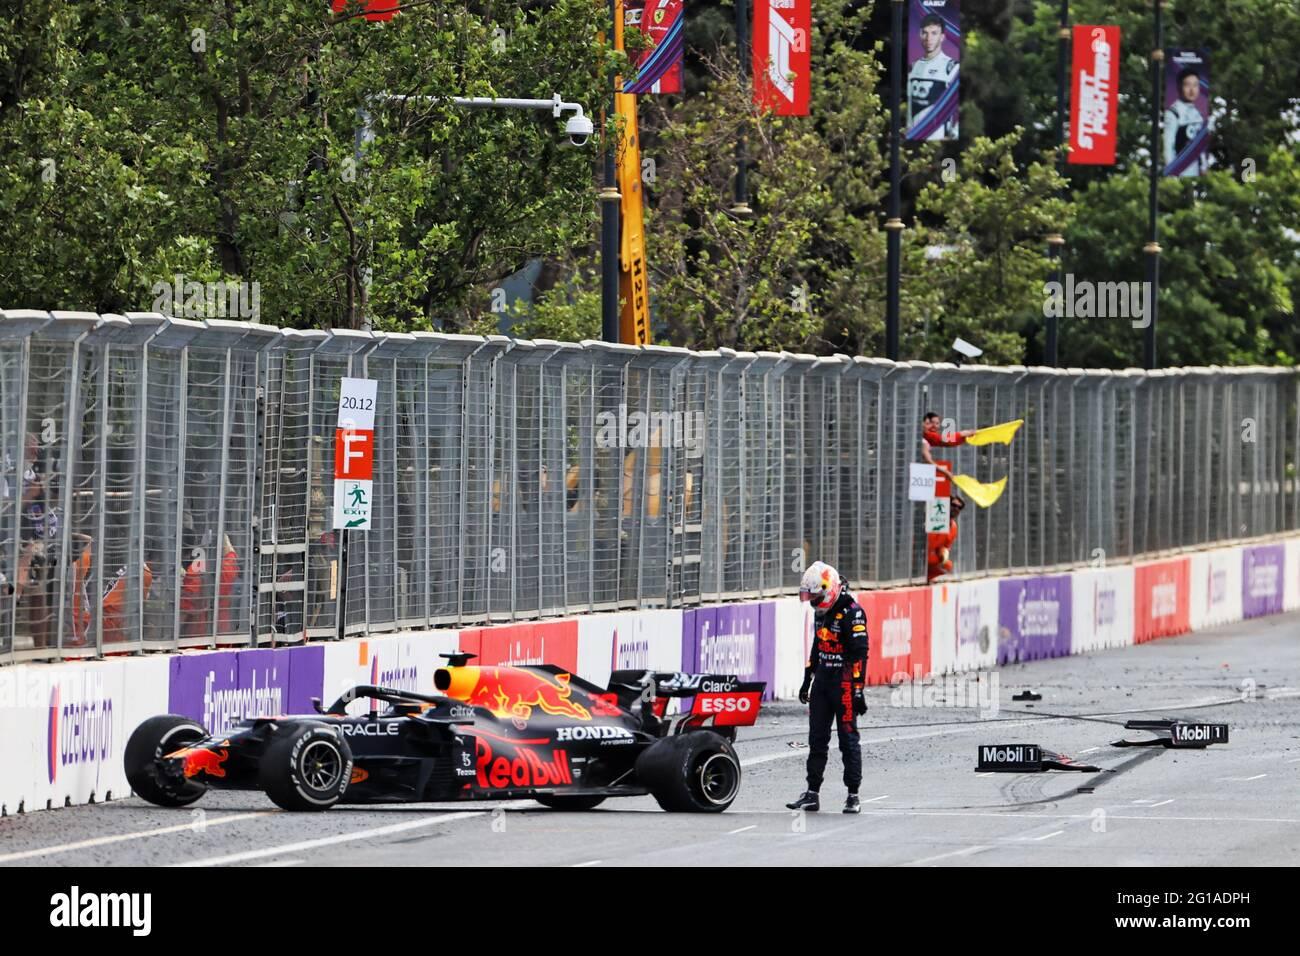 Baku, Azerbaigian. 06 giugno 2021. Max Verstappen (NLD) Red Bull Racing RB16B si è schiantato fuori gara. 06.06.2021. Campionato del mondo Formula 1, Rd 6, Gran Premio di Azerbaigian, circuito di Baku Street, Azerbaigian, Giorno della gara. Il credito fotografico dovrebbe essere: XPB/immagini dell'associazione stampa. Credit: XPB Images Ltd/Alamy Live News Foto Stock